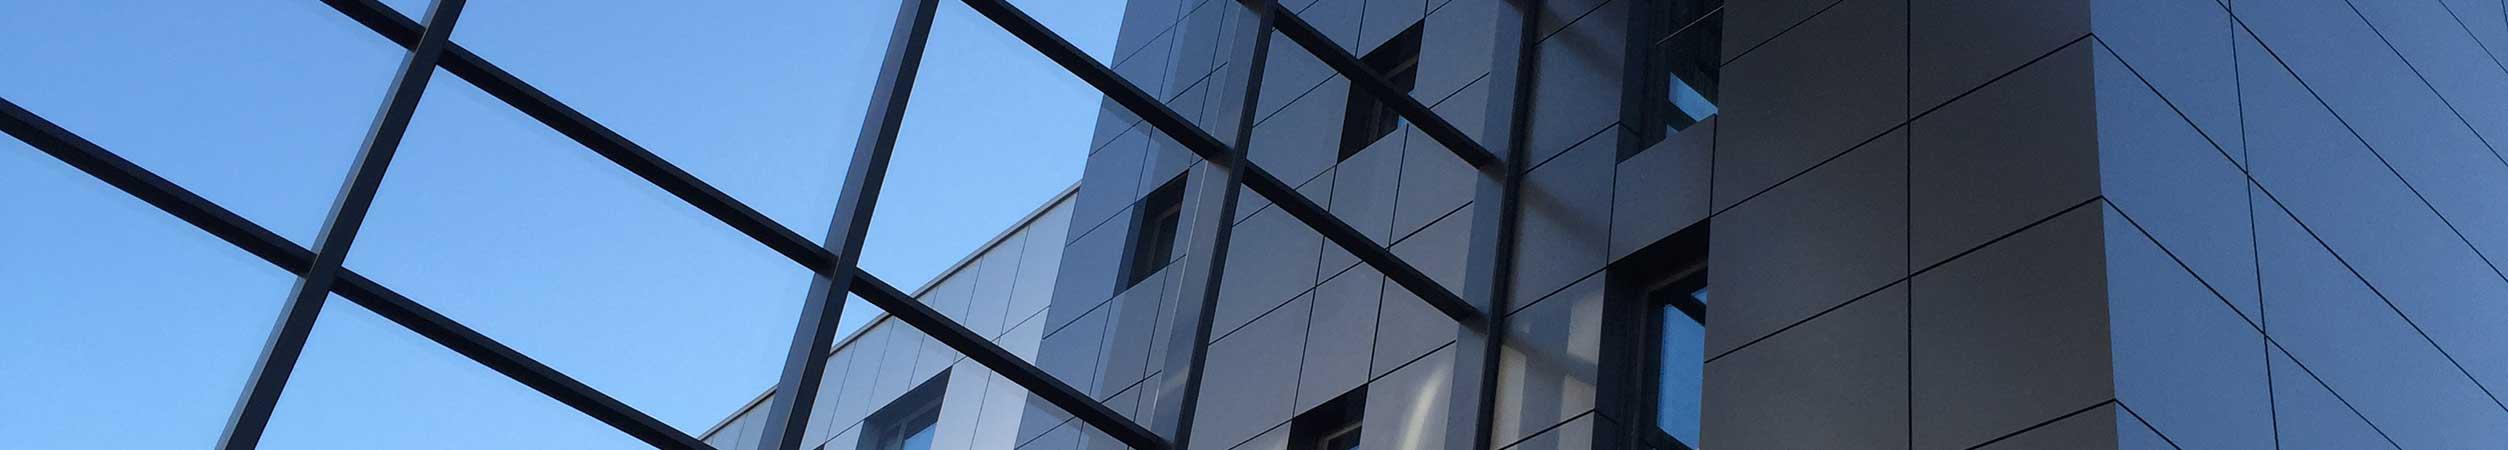 Zu sehen ist die spiegelnde Fassade des Firmensitzes der Tarifhaus Ag in München.